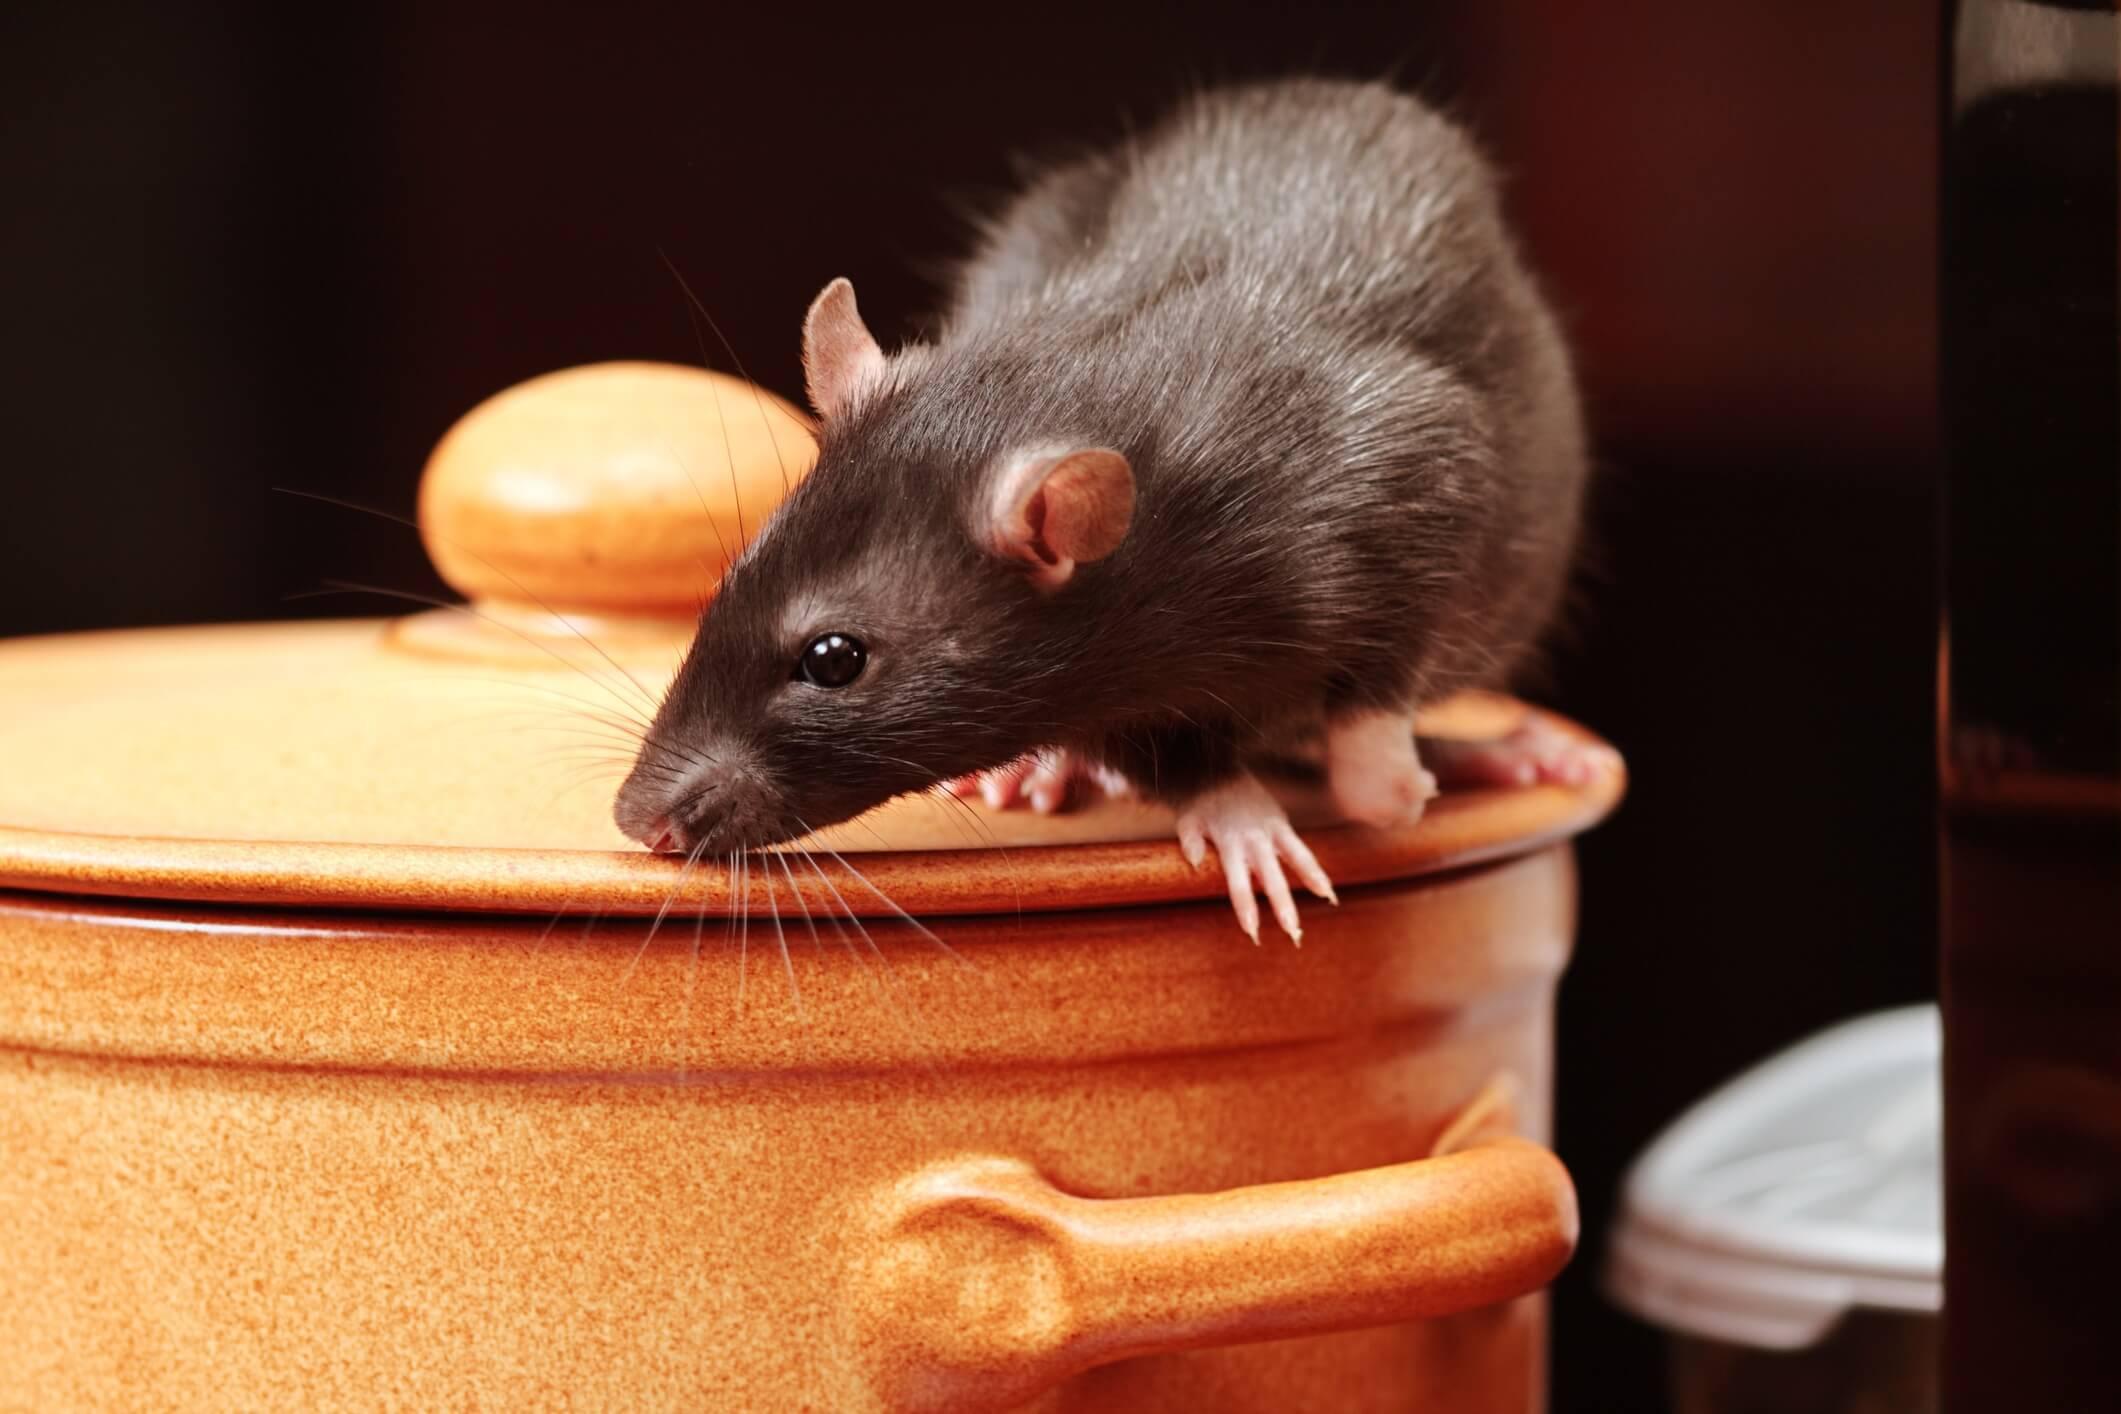 Крыса нюхает кастрюлю с гречкой